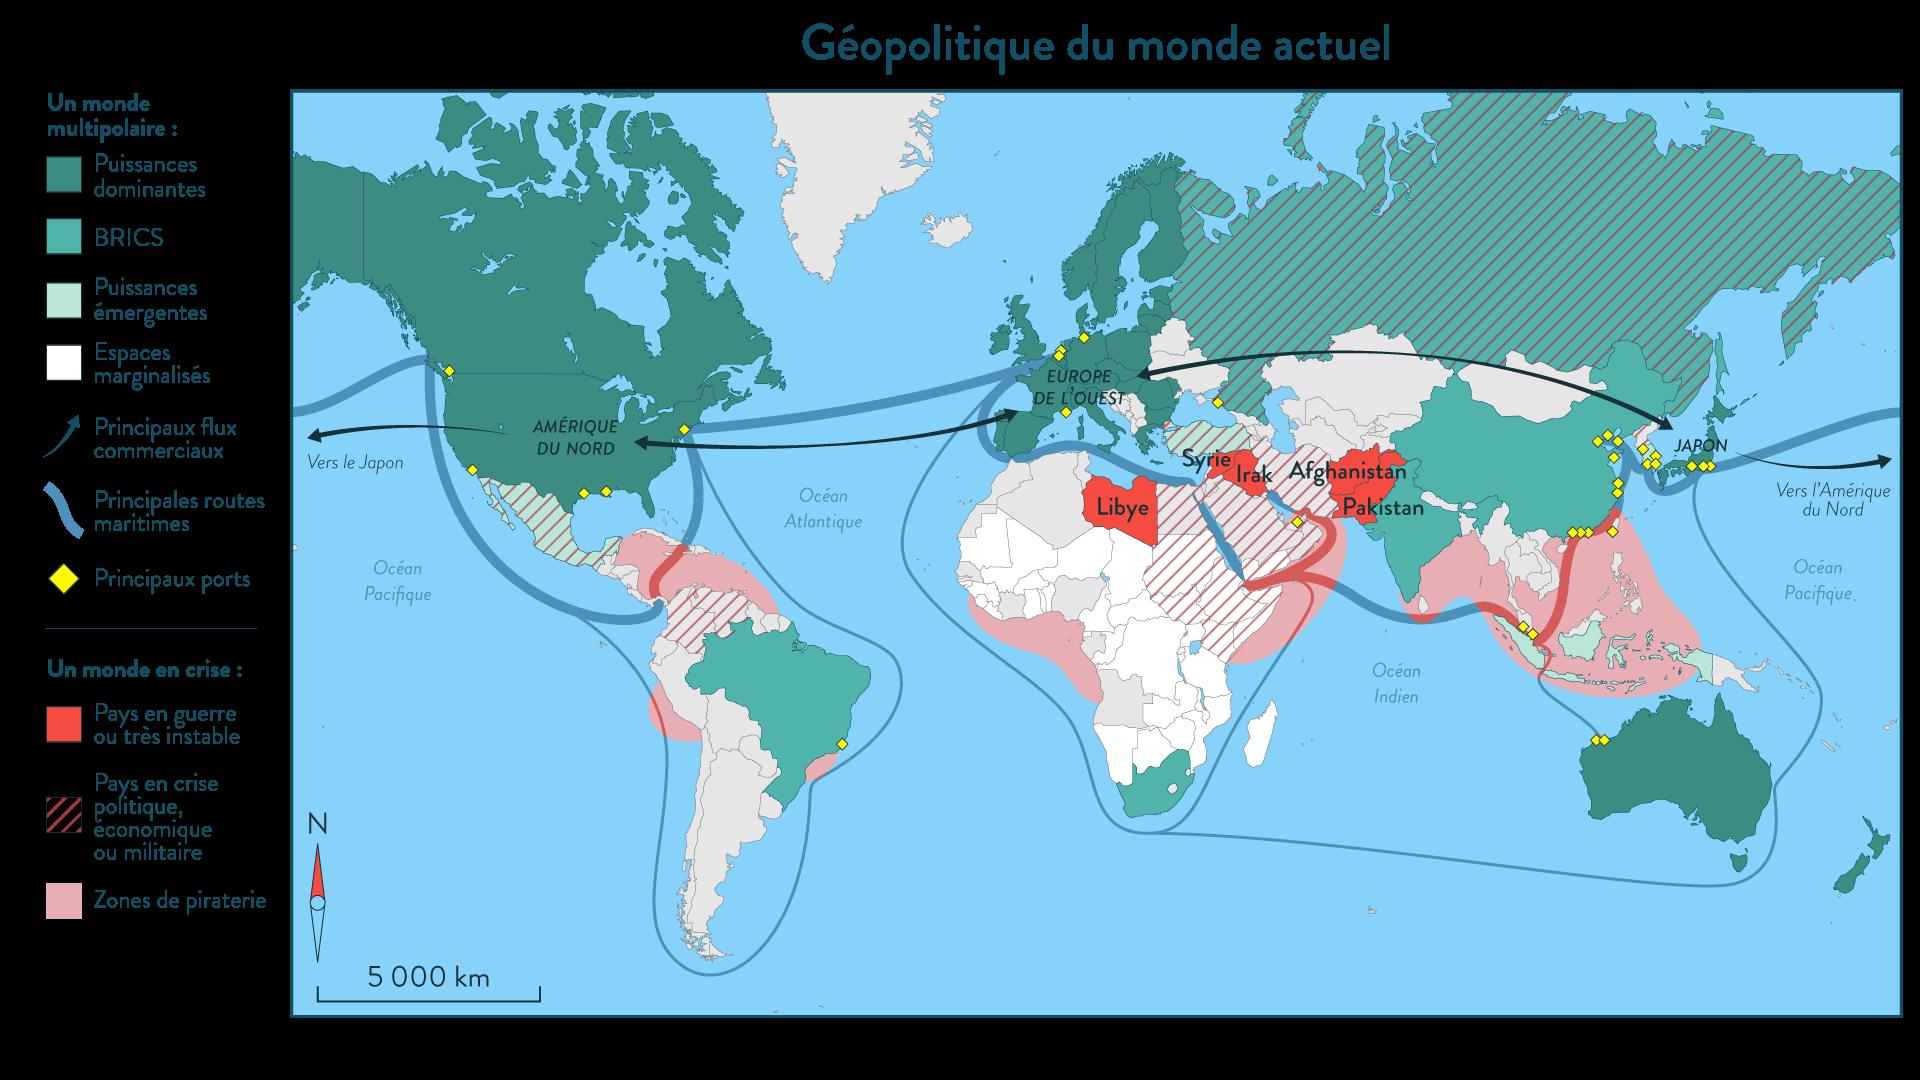 Géopolitique du monde actuel